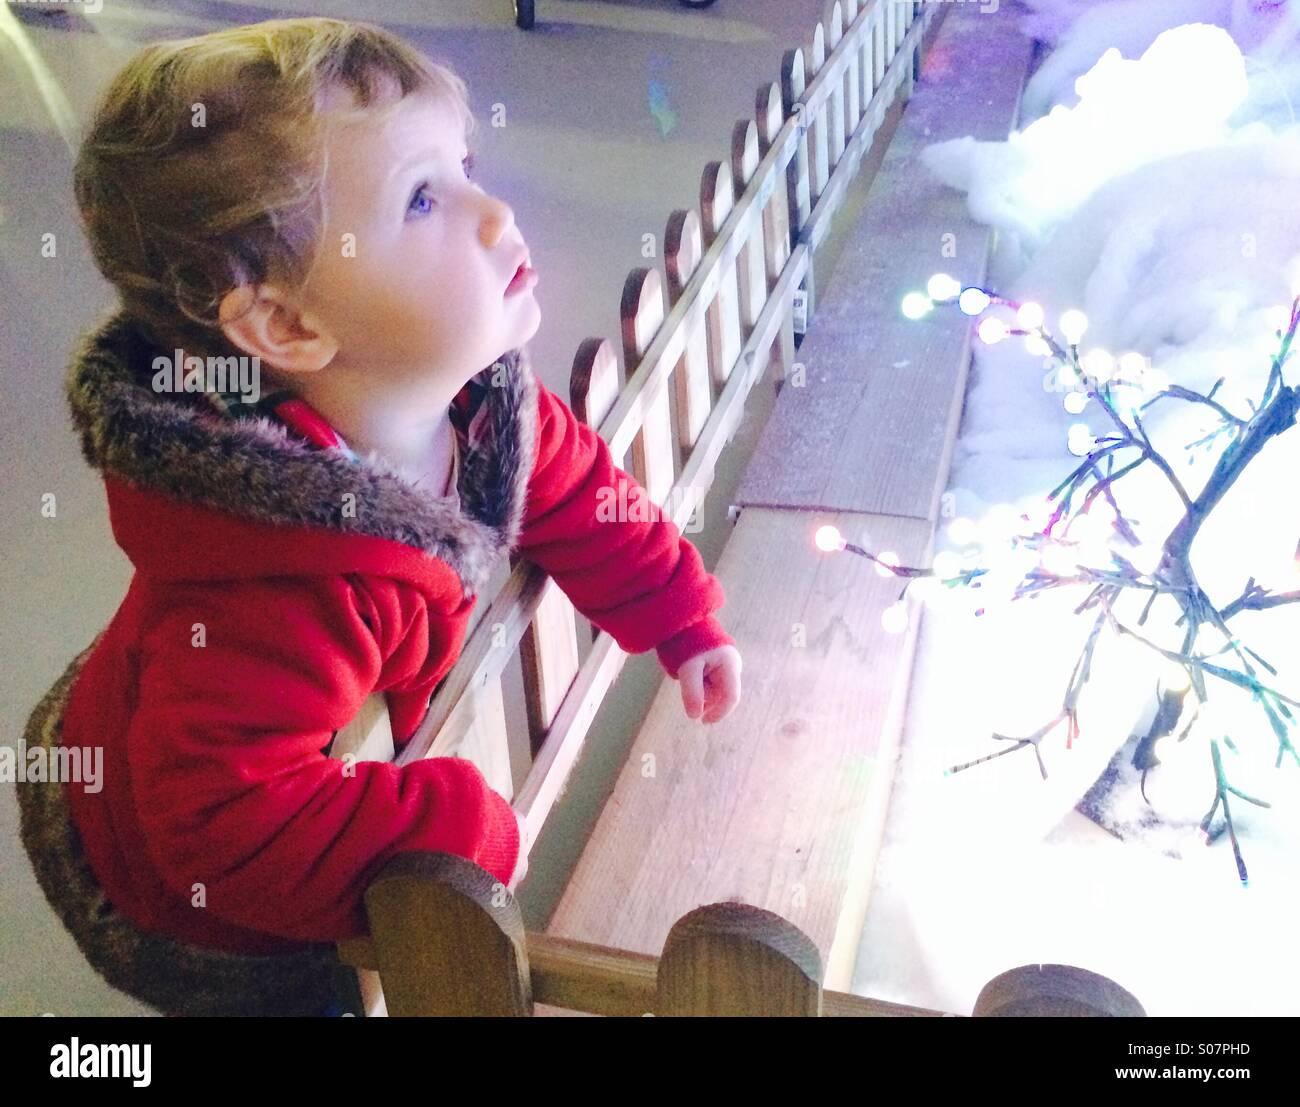 Niña mirando a las luces de Navidad en maravilla Imagen De Stock